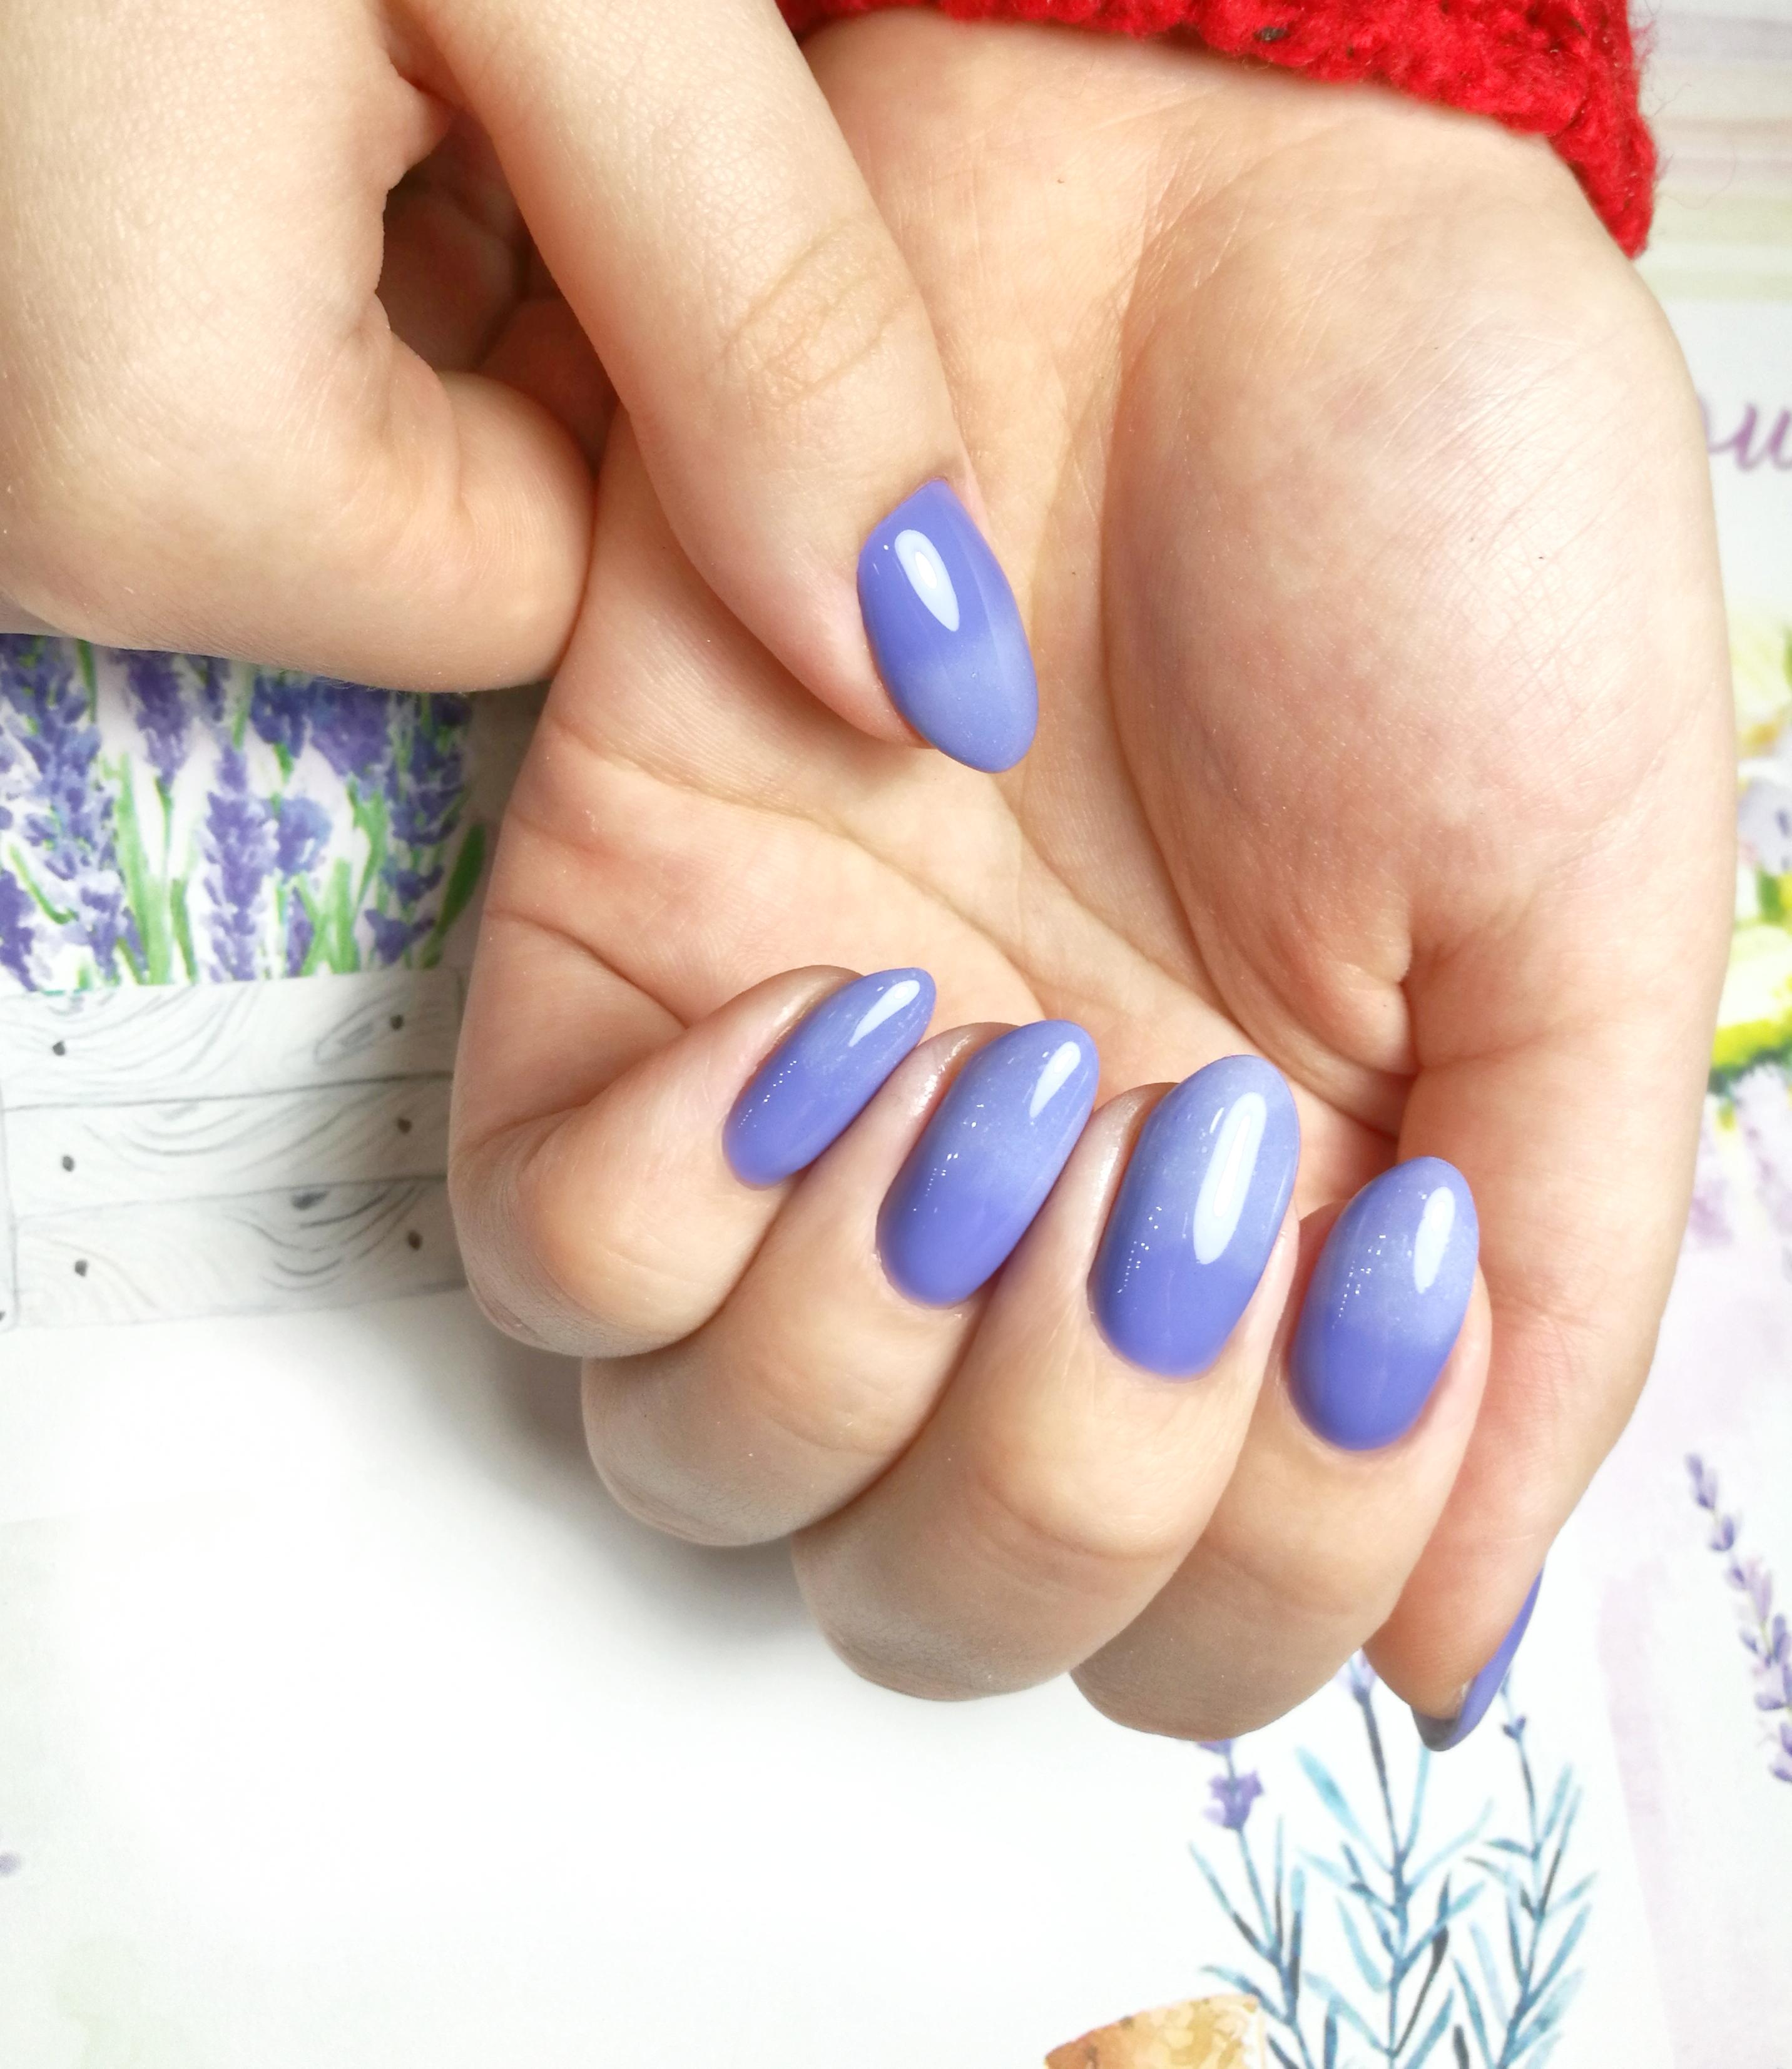 Маникюр с градиентом в голубом цвете.